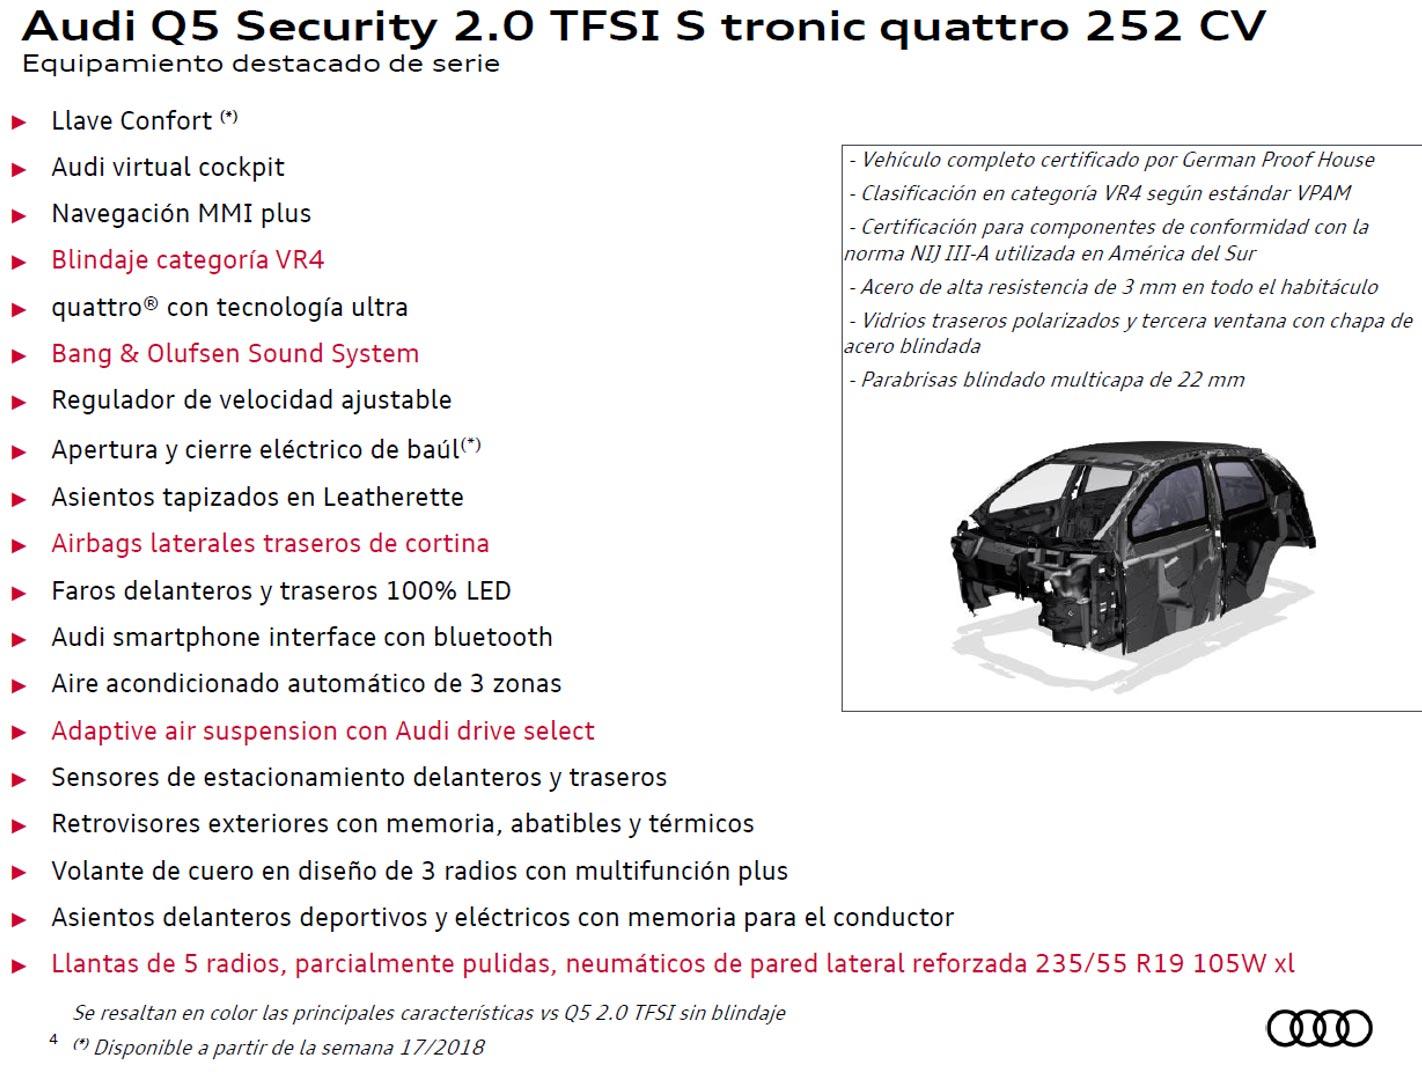 Equipamiento Audi Q5 Security